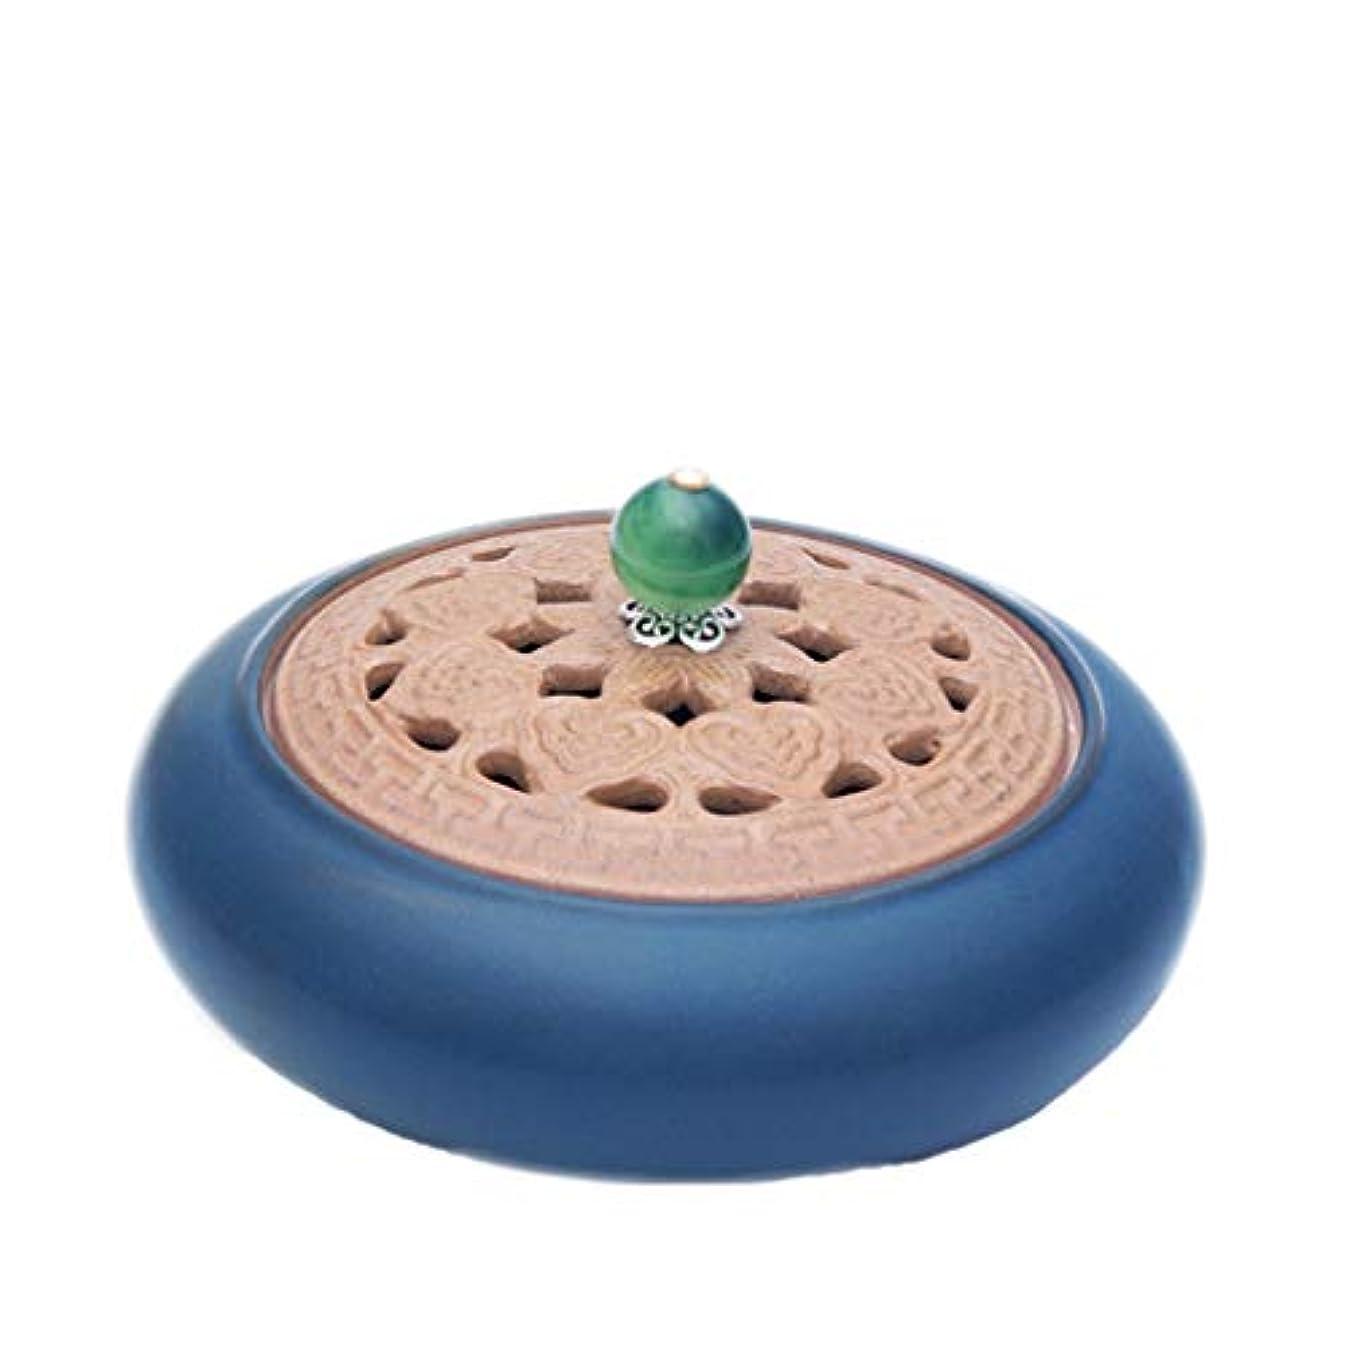 おそらくシンプトン蒸発ホームアロマバーナー アンティークセラミック小さな香バーナーホームインドアガーウッドハース香純粋な銅白檀炉アロマテラピー炉 アロマバーナー (Color : Green)